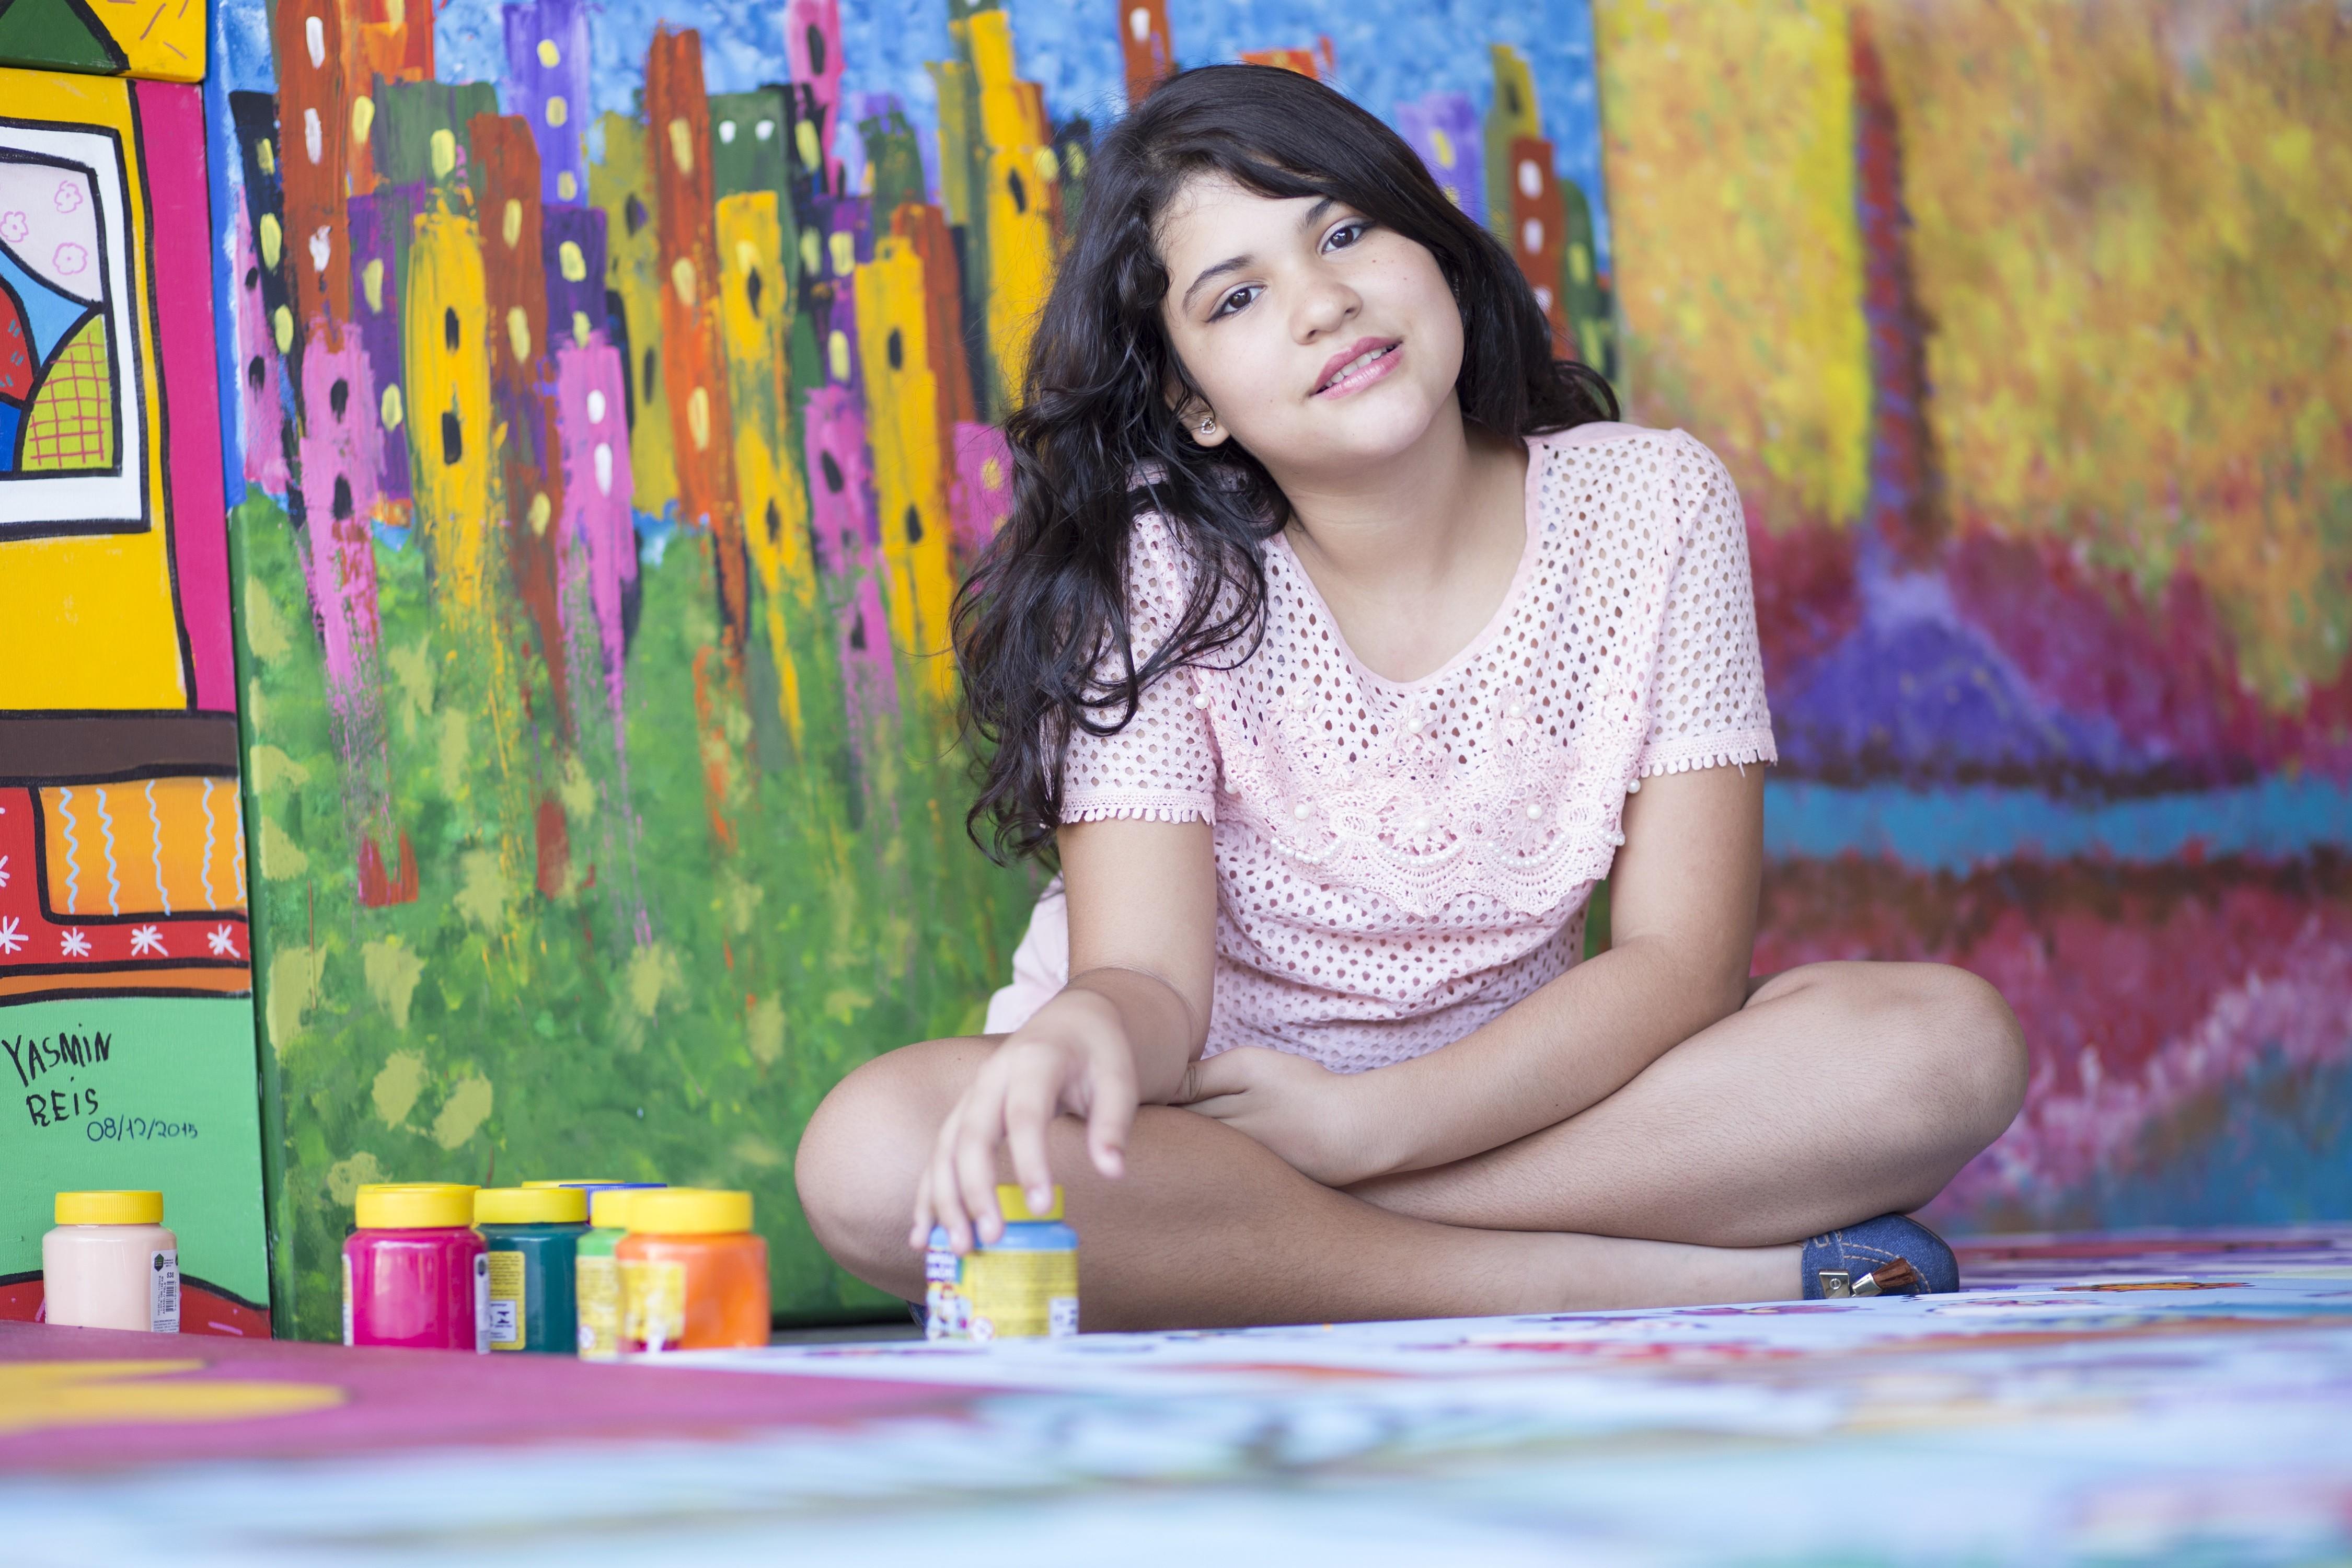 Yasmin Reis, outra criança que terá sua obra exposta na mostra em Outubro (Foto: Divulgação)